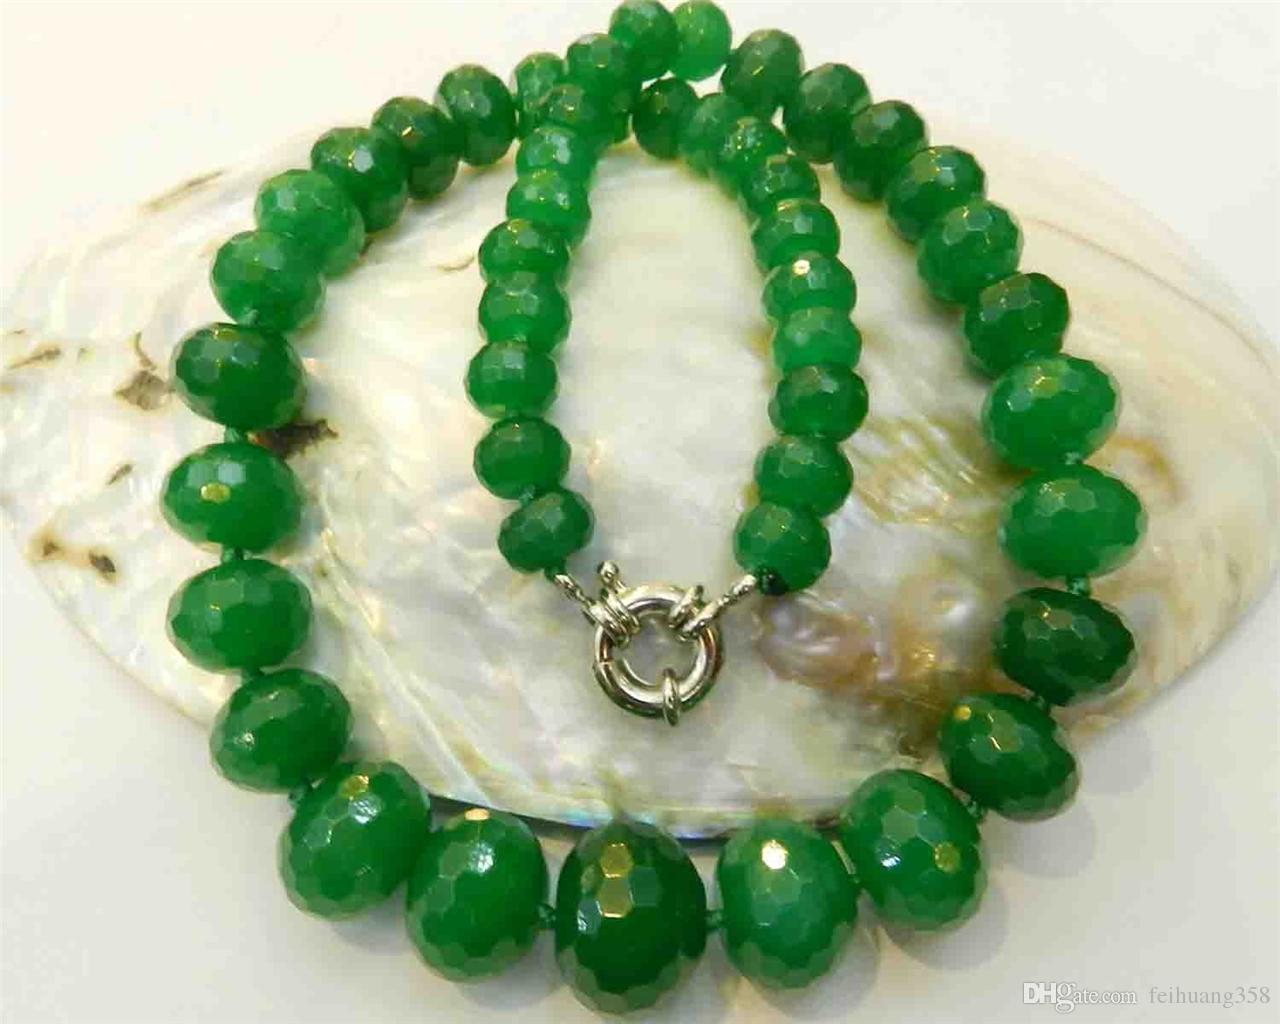 10-18mm émeraude naturelle à facettes gemmes collier perles rondes 18.5